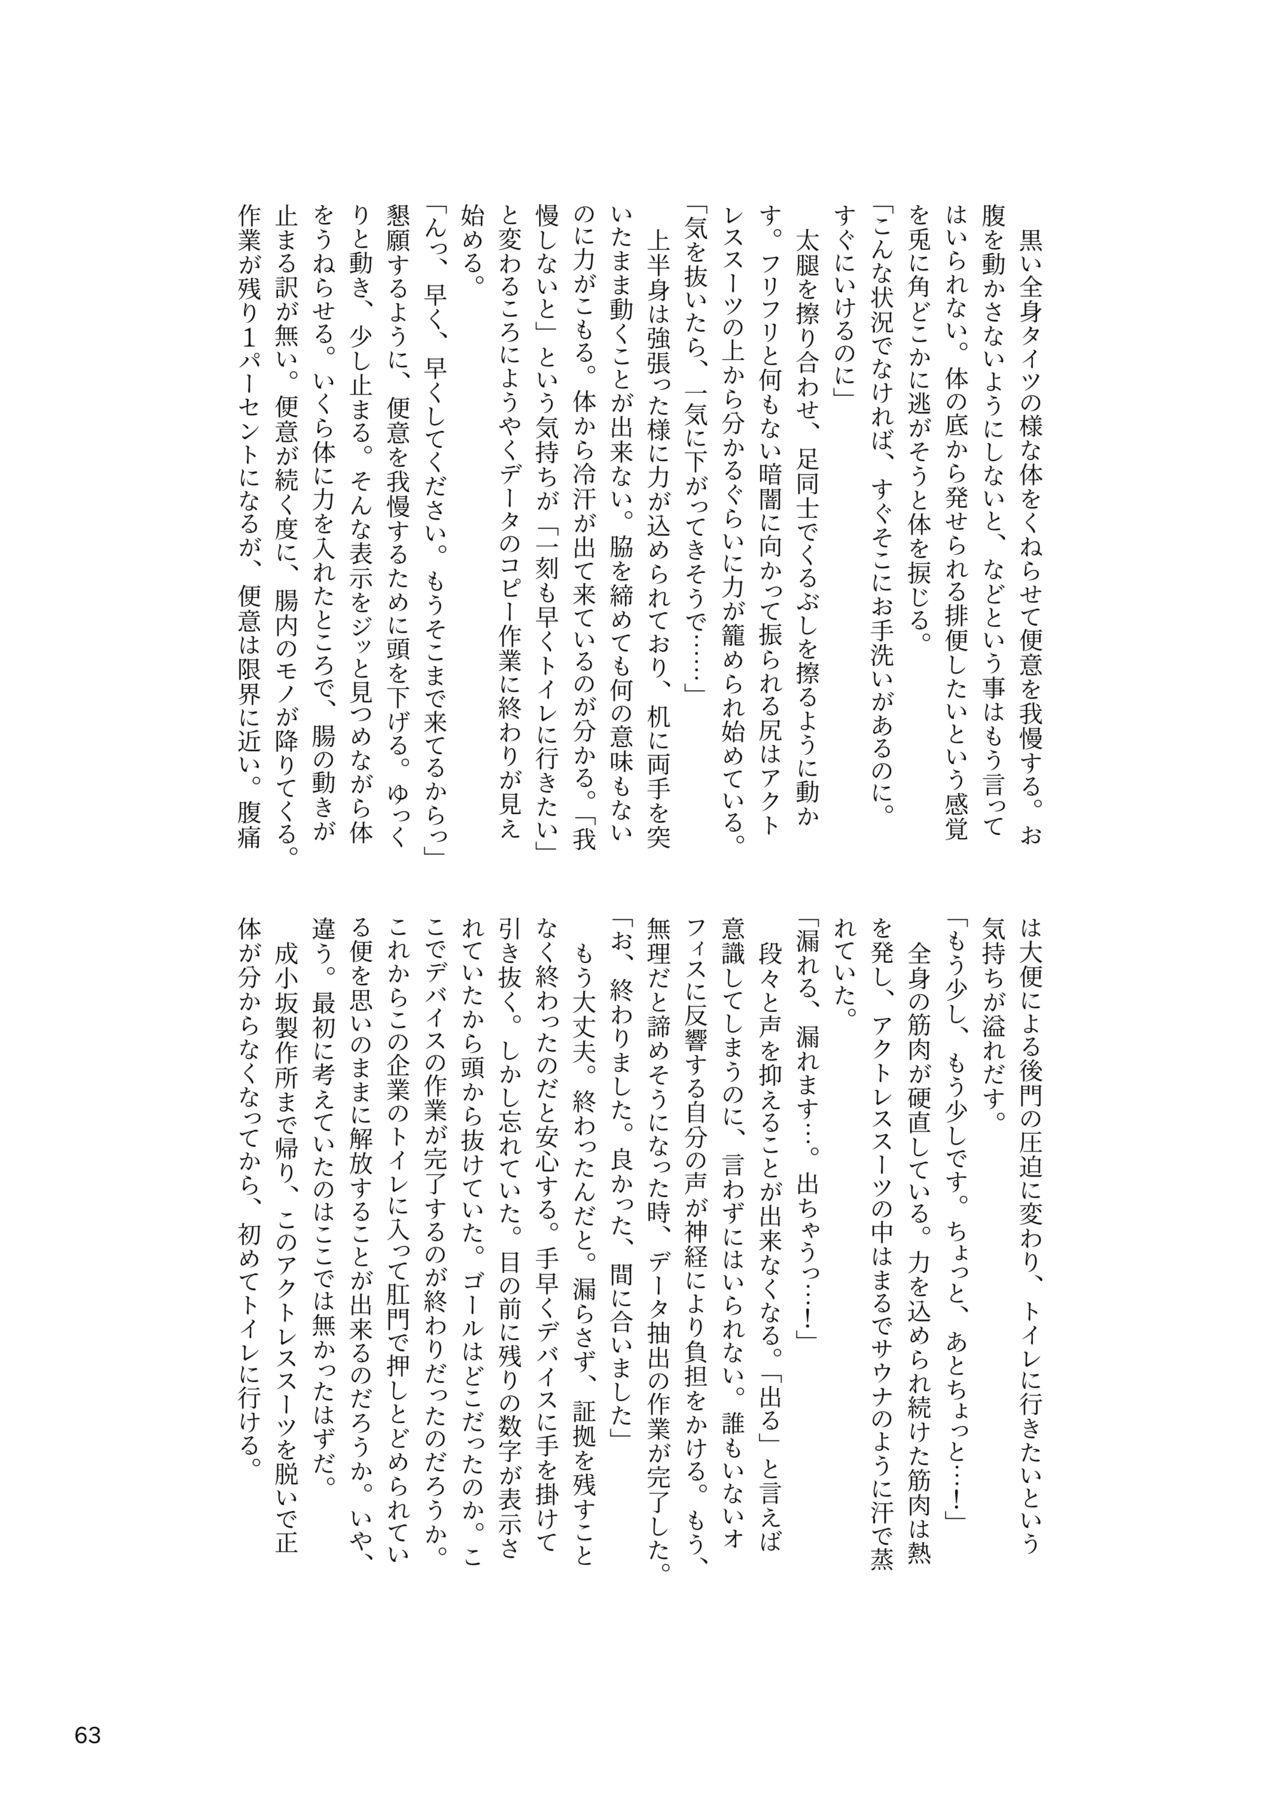 ア○スギア総合スカトロアンソロジー アクトレス排泄実態調査任務~スカポためるっすか!?~ 62